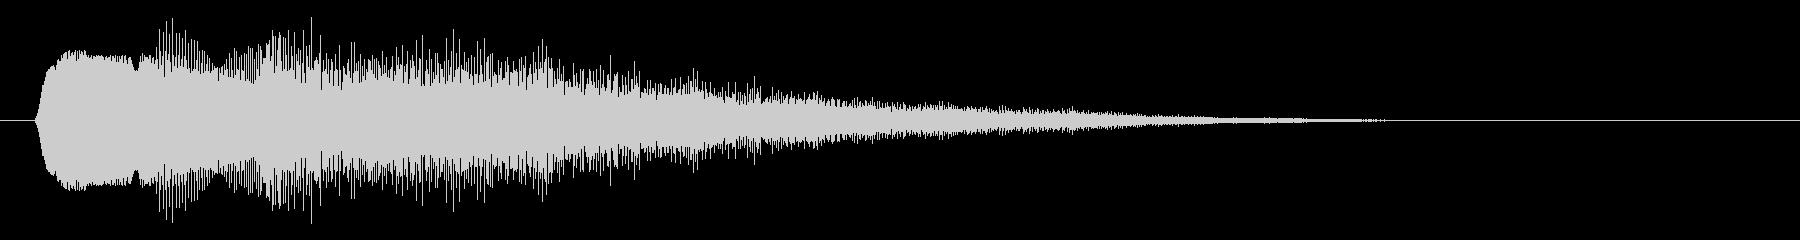 キラキラ/タッチ/星の未再生の波形